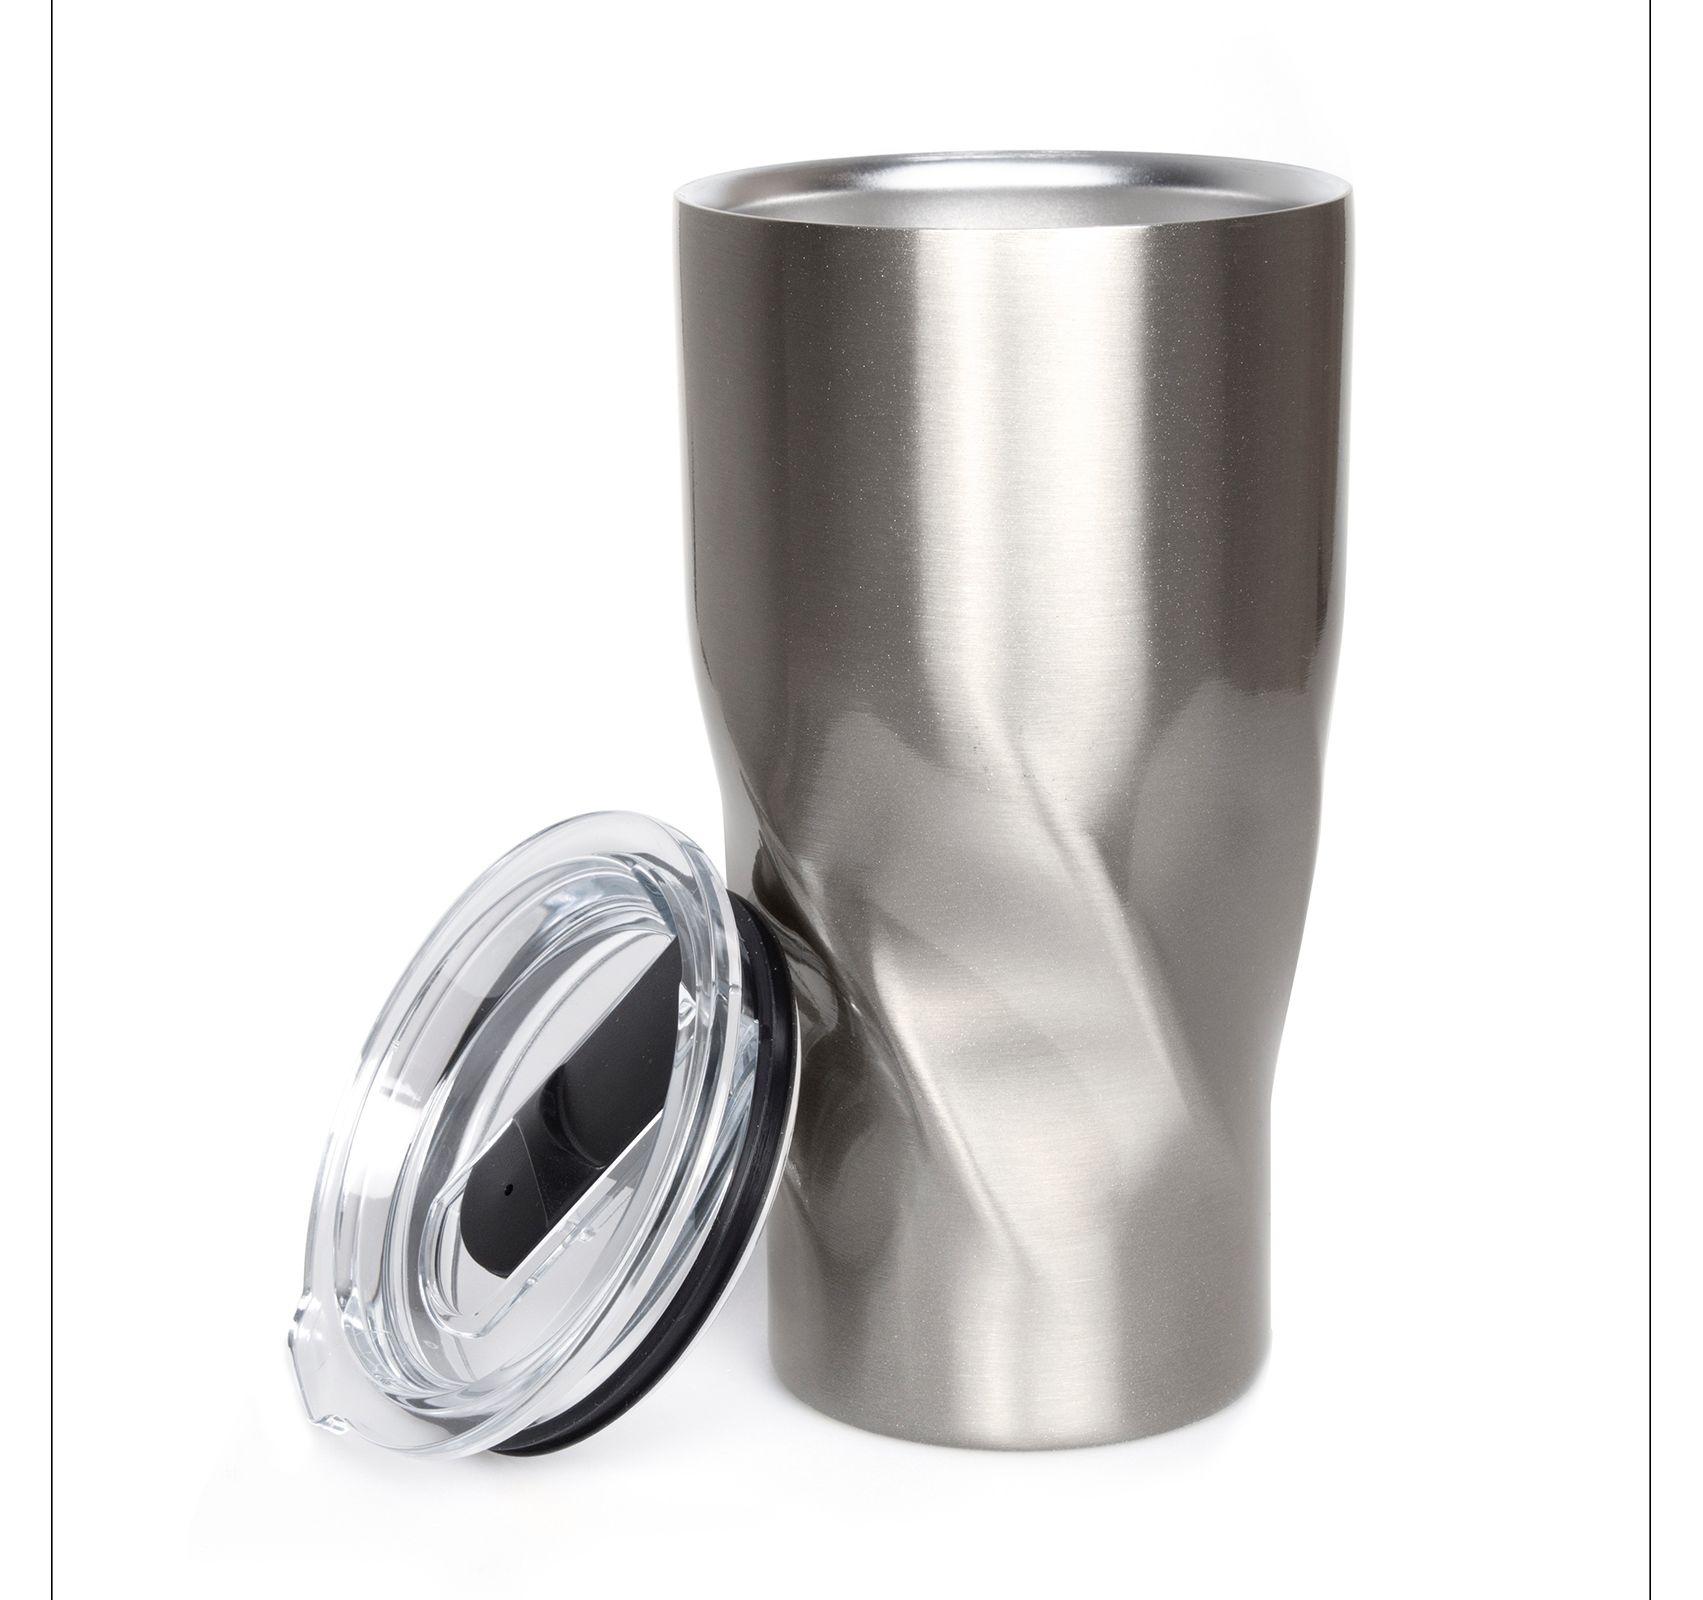 термокружка сталь закрученная